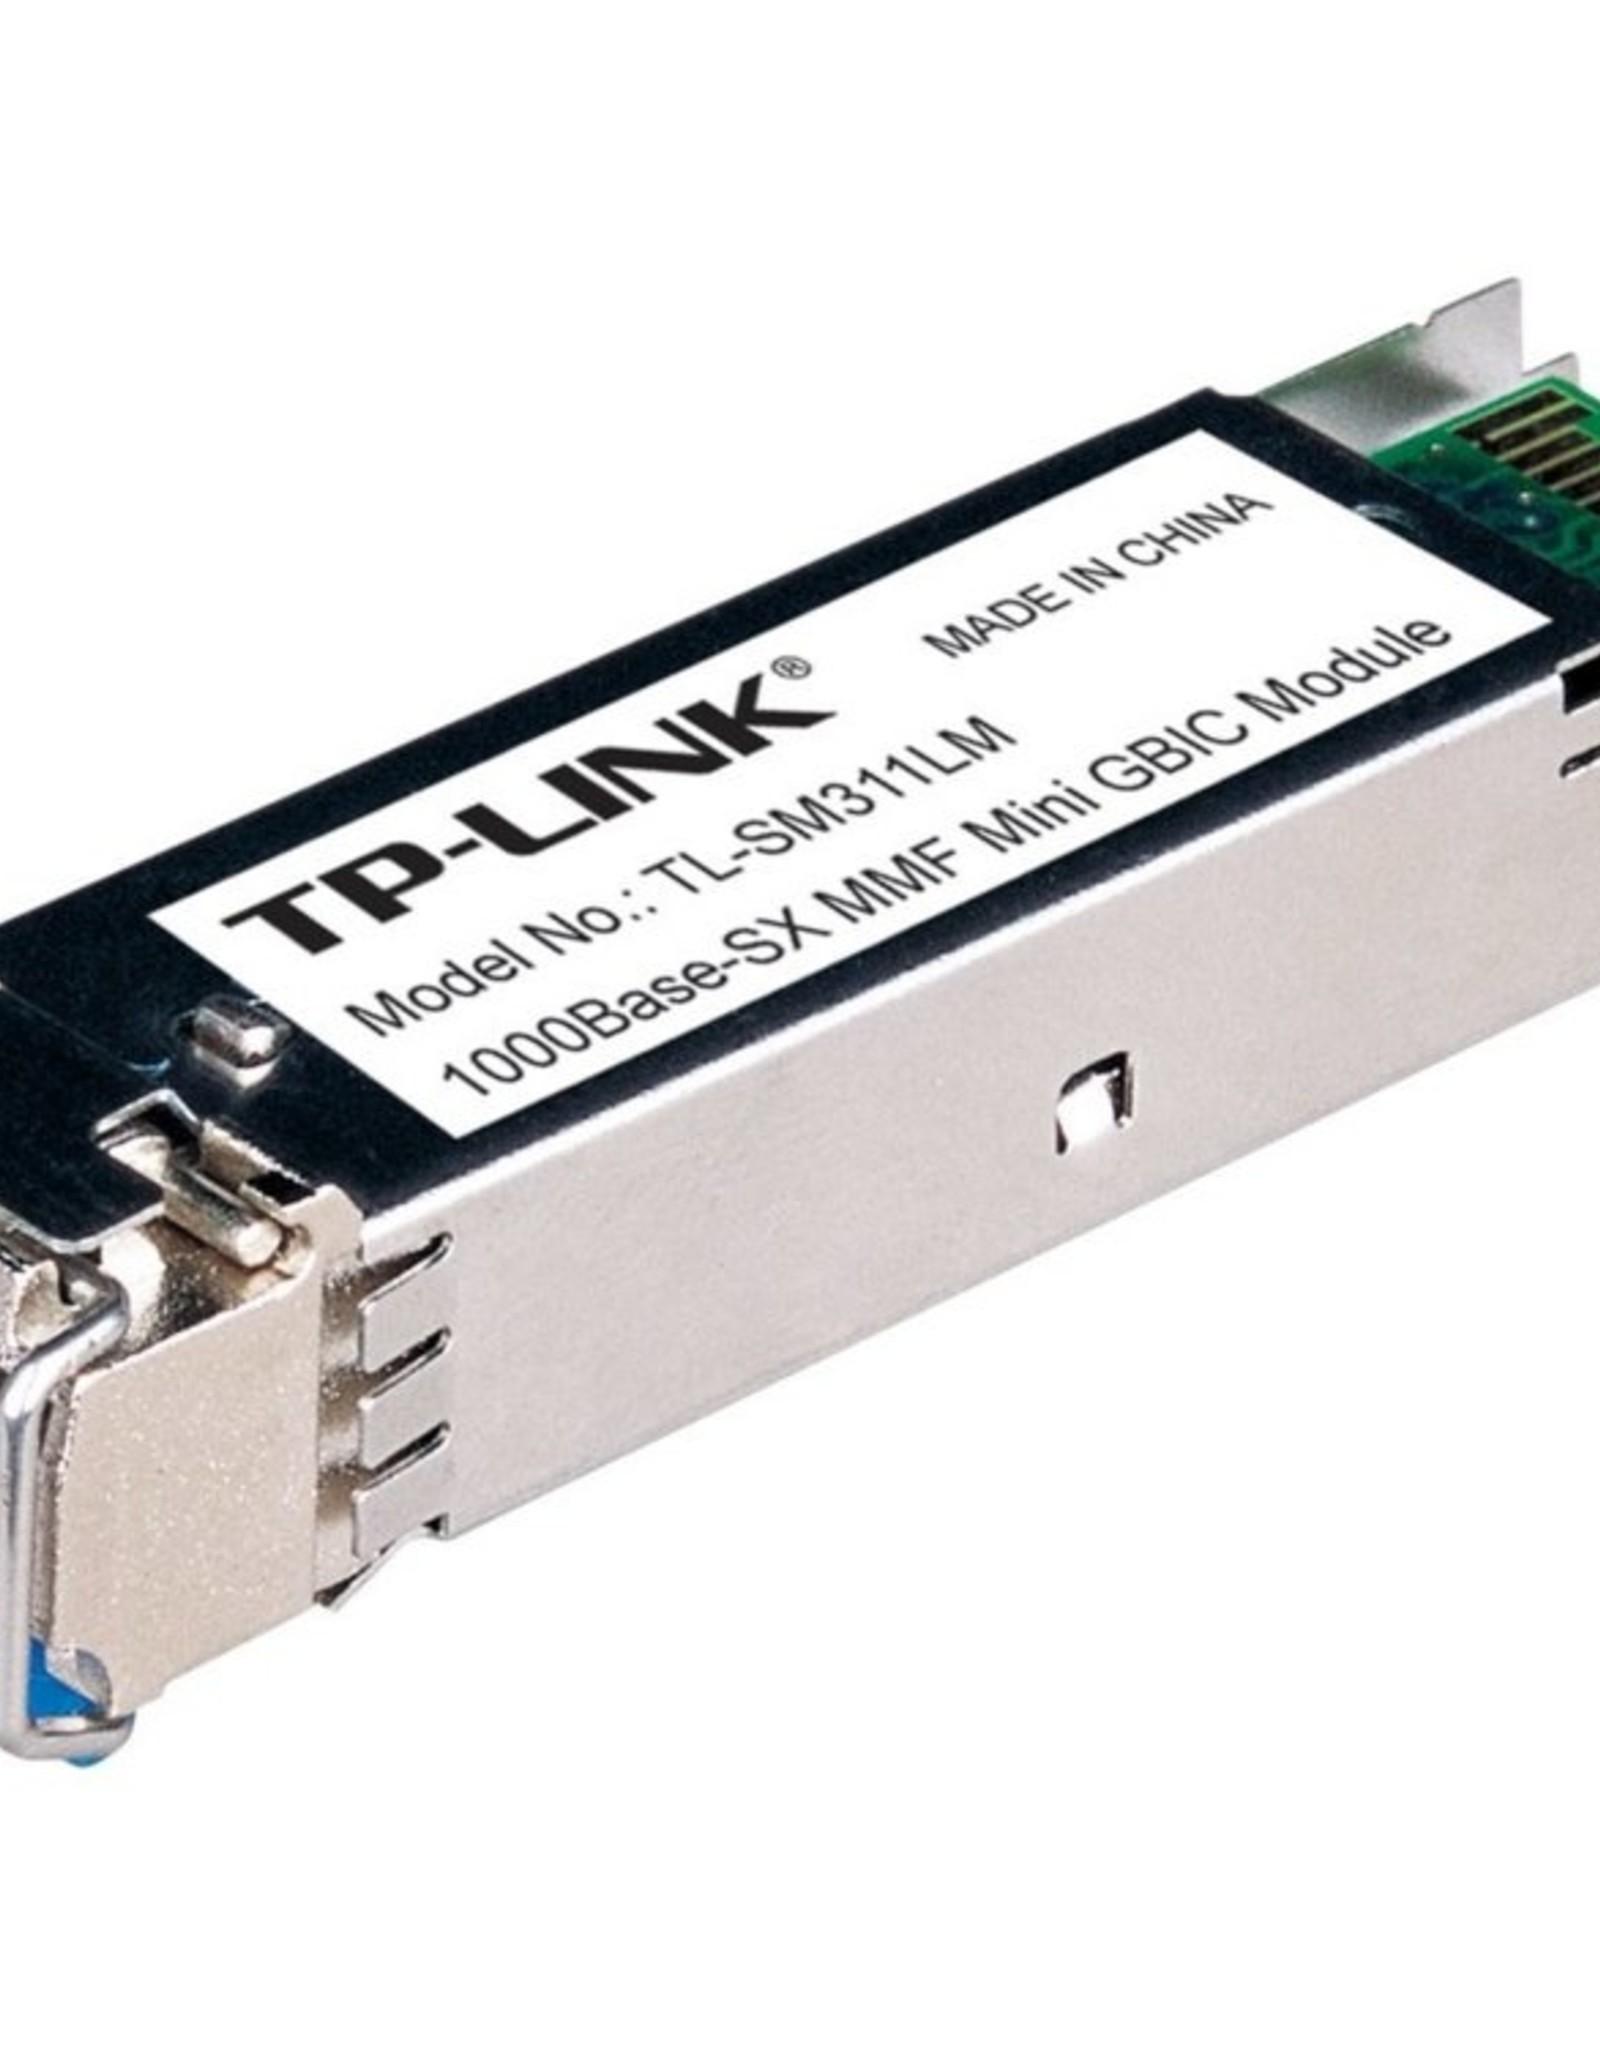 Gigabit SFP module Multi-mode